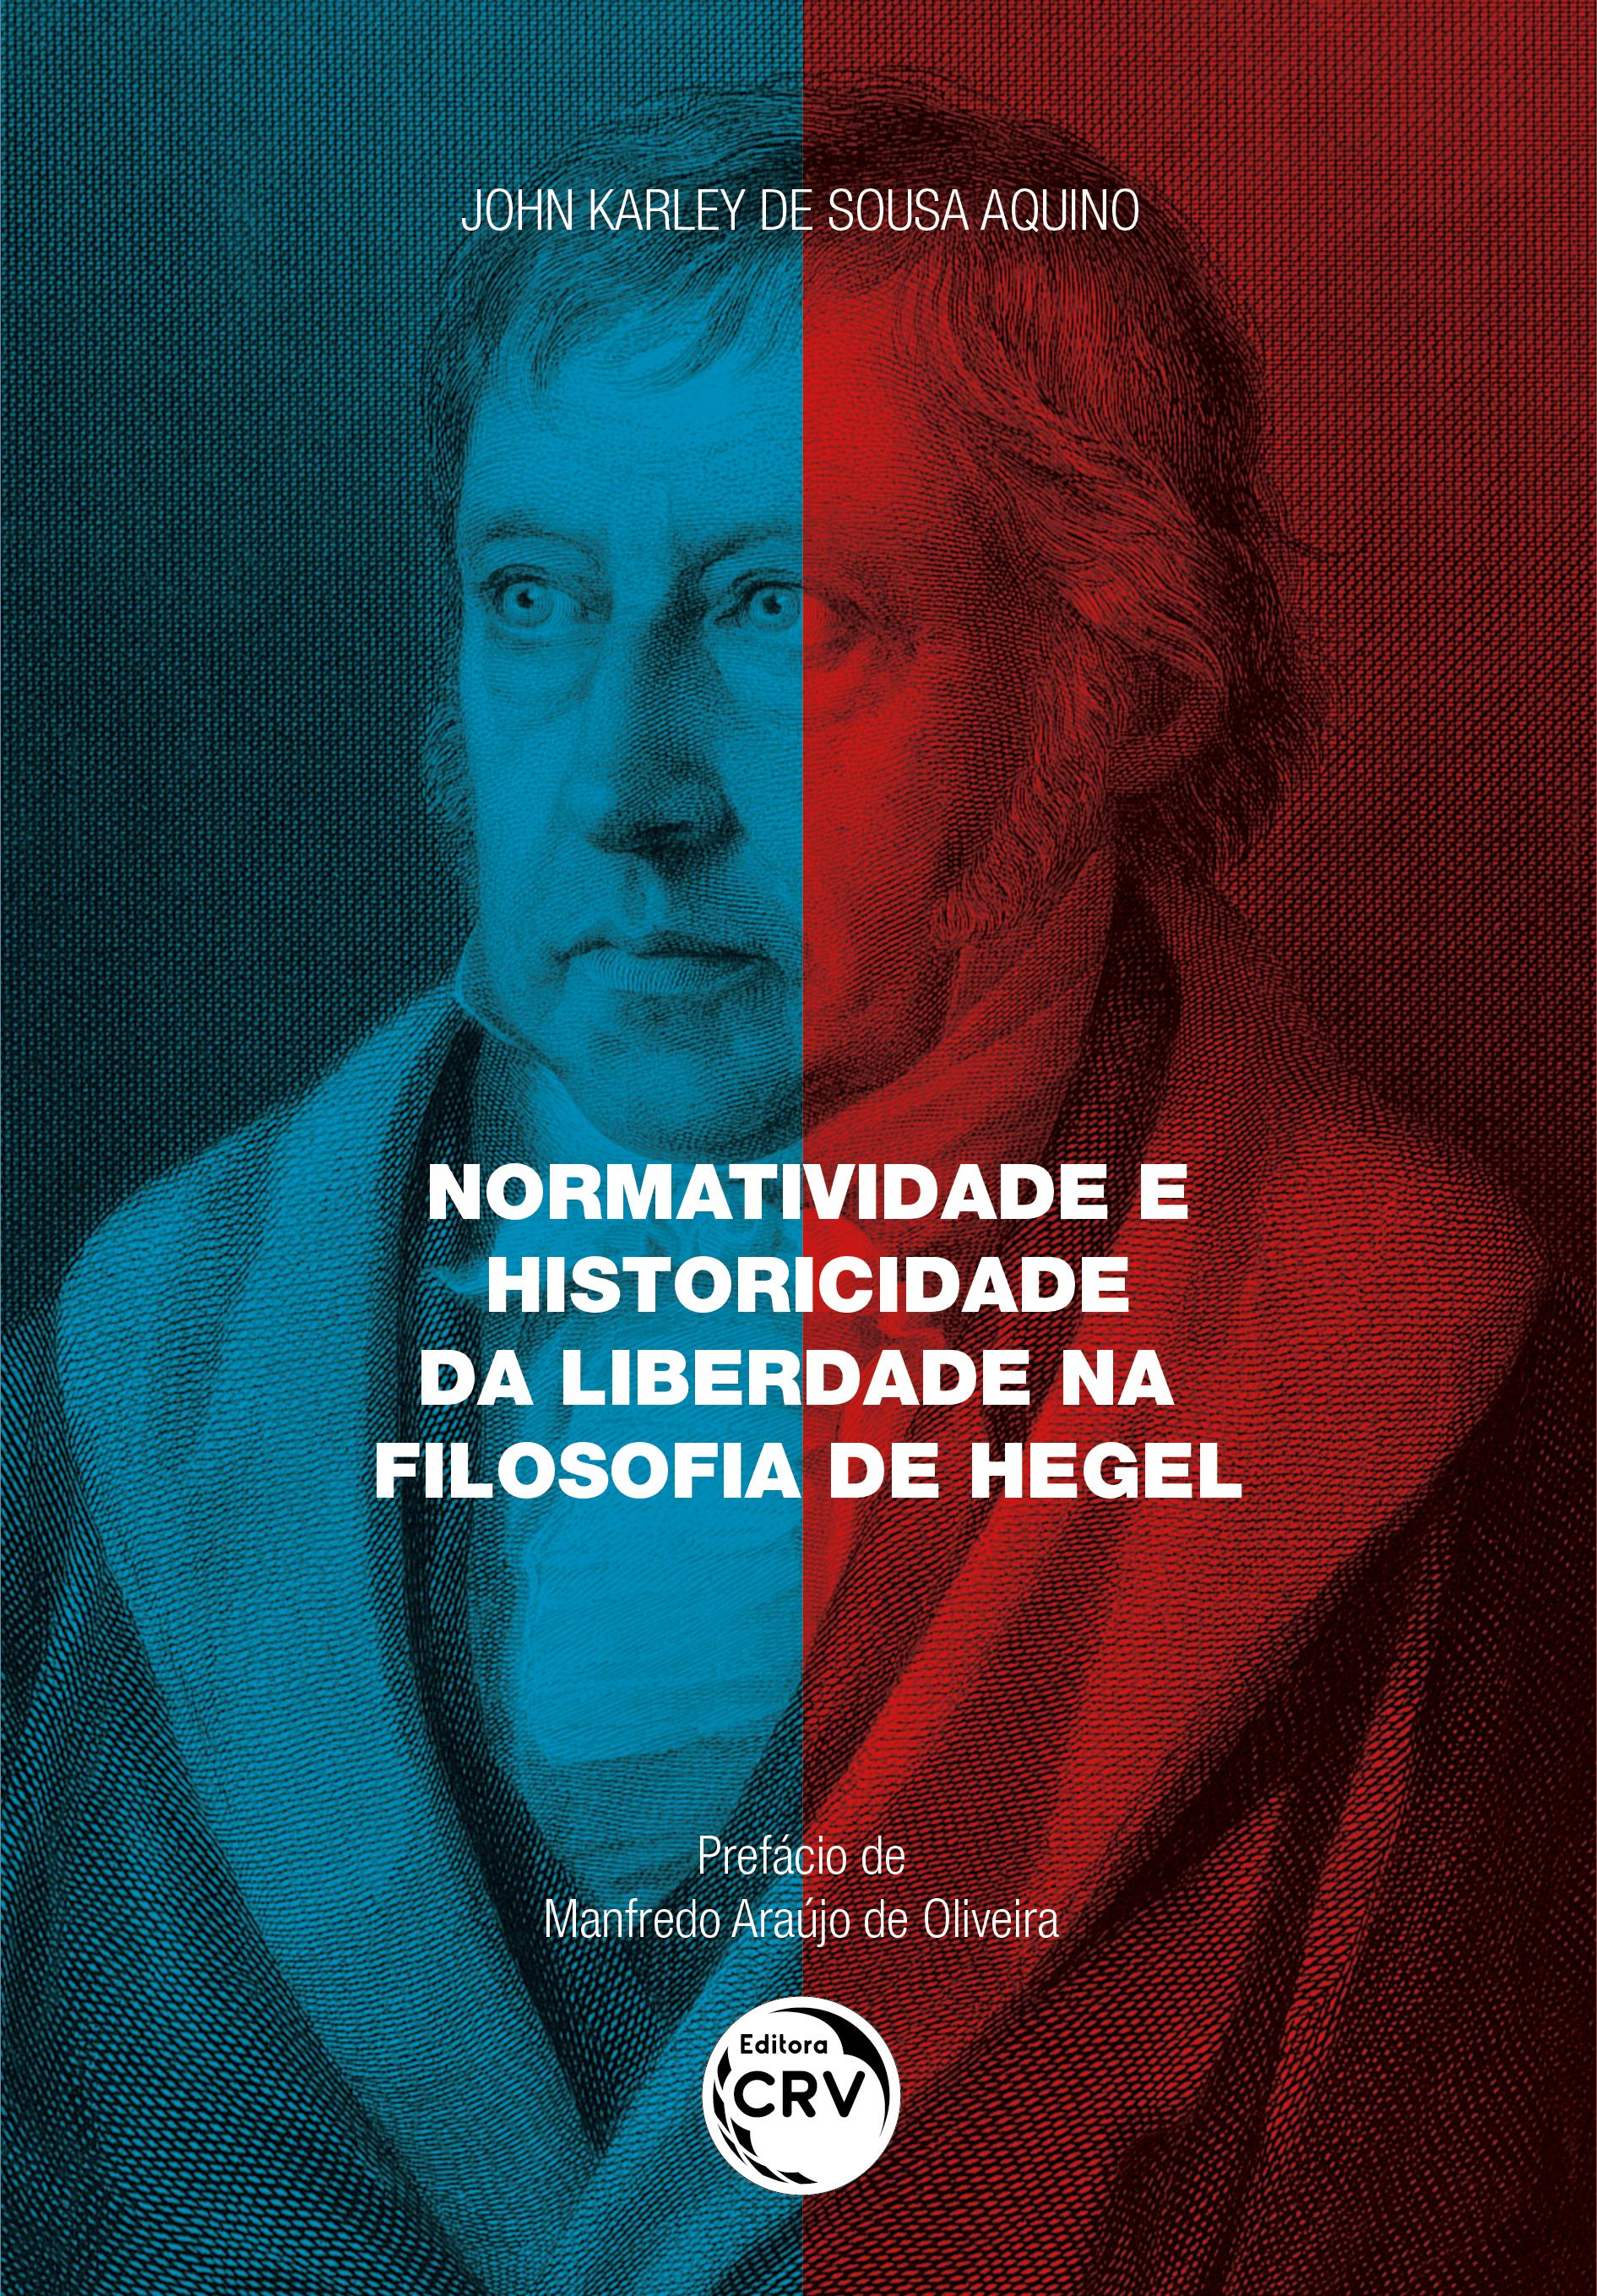 Capa do livro: NORMATIVIDADE E HISTORICIDADE DA LIBERDADE NA FILOSOFIA DE HEGEL